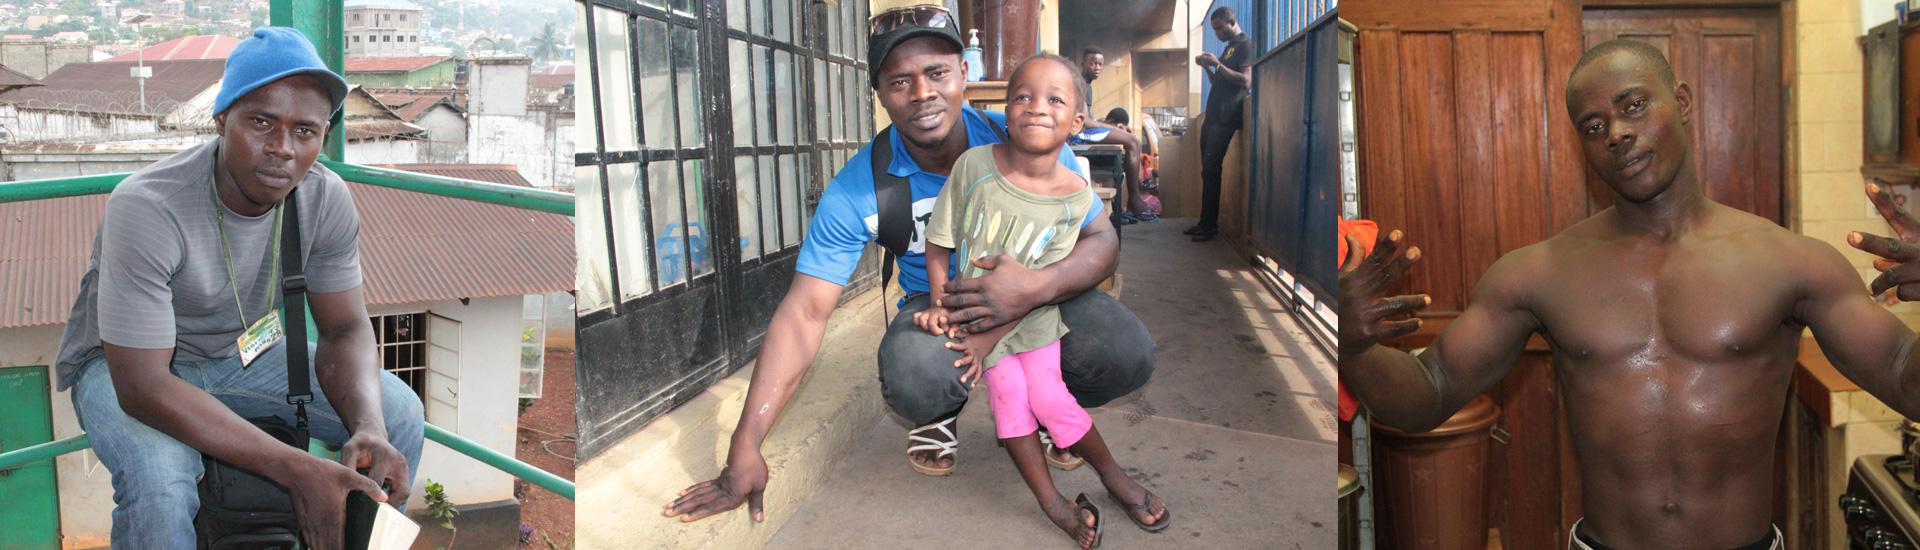 Chennor, de la calle a salvar vidas de menores